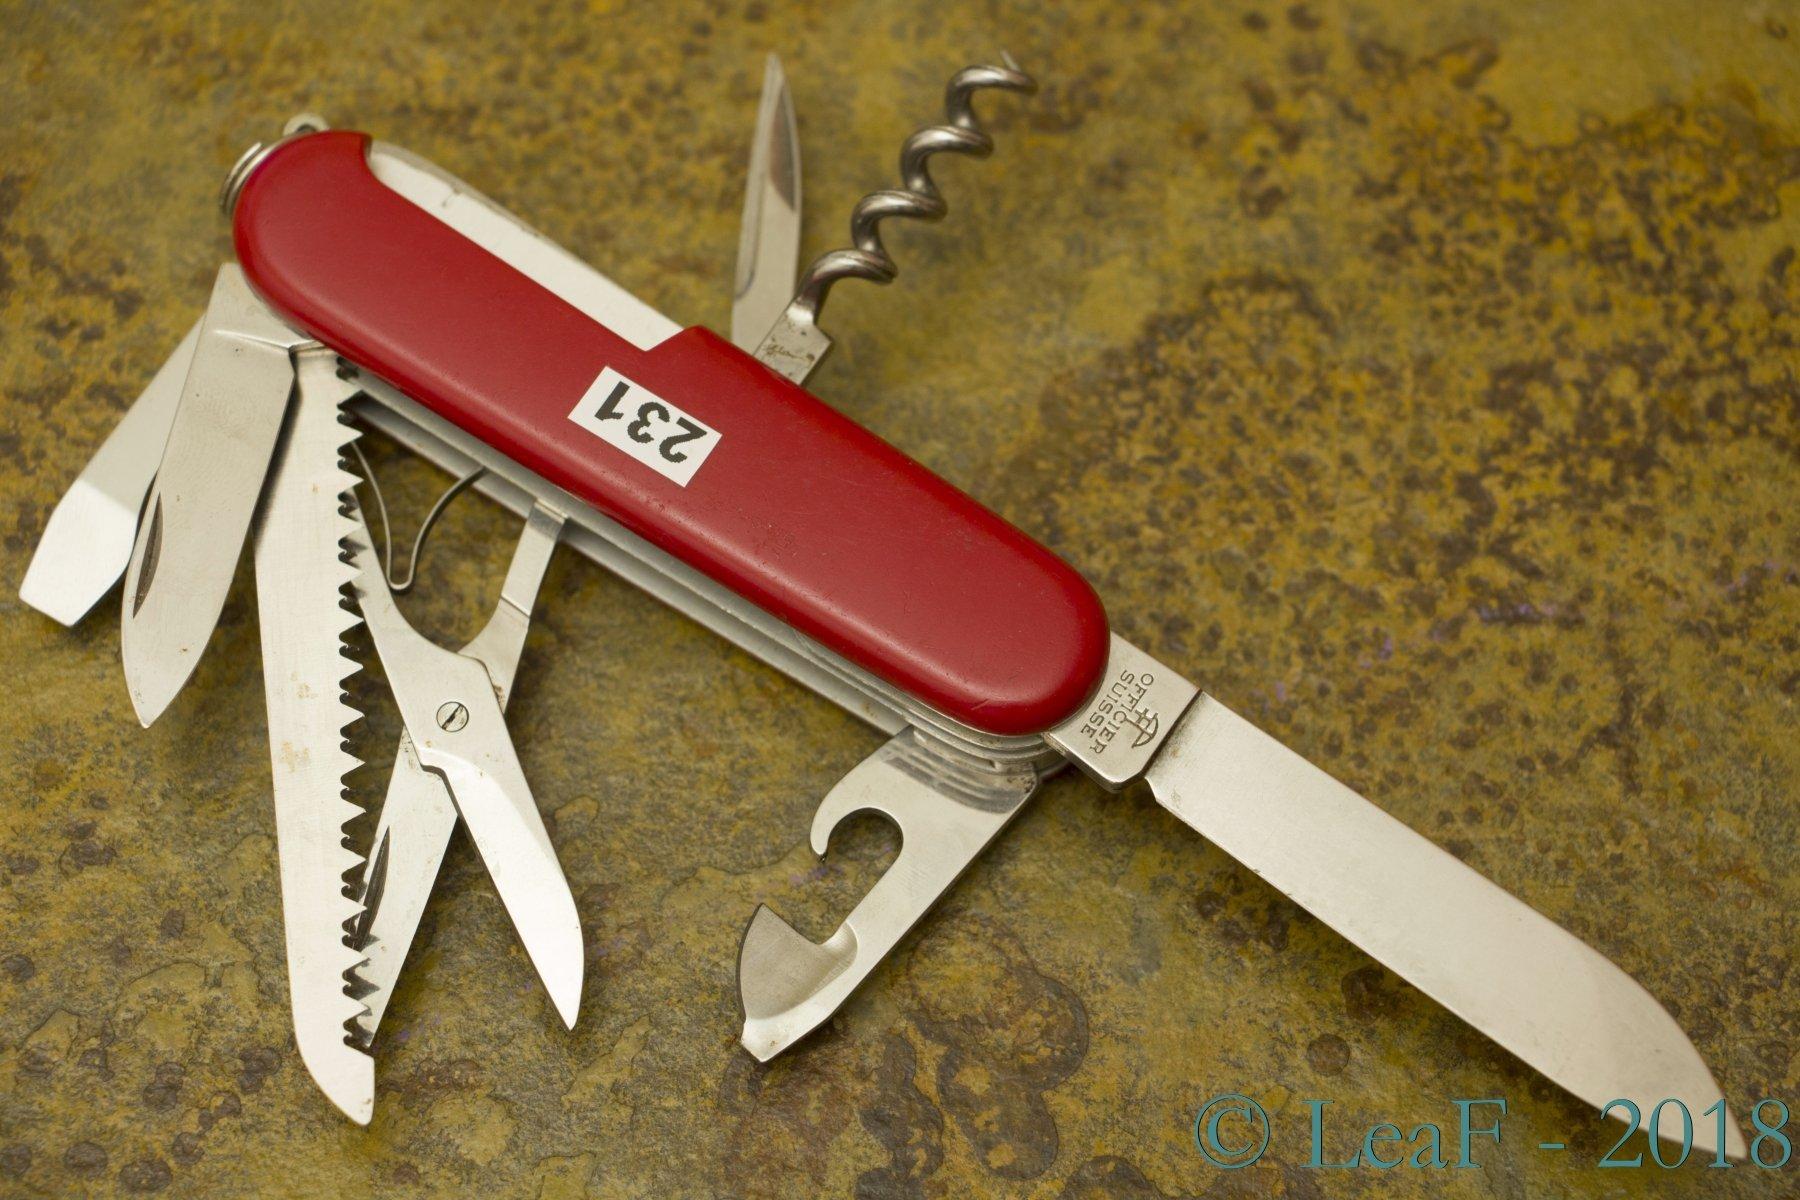 231 Woodsman Huntsman Leaf S Victorinox Knives Collection